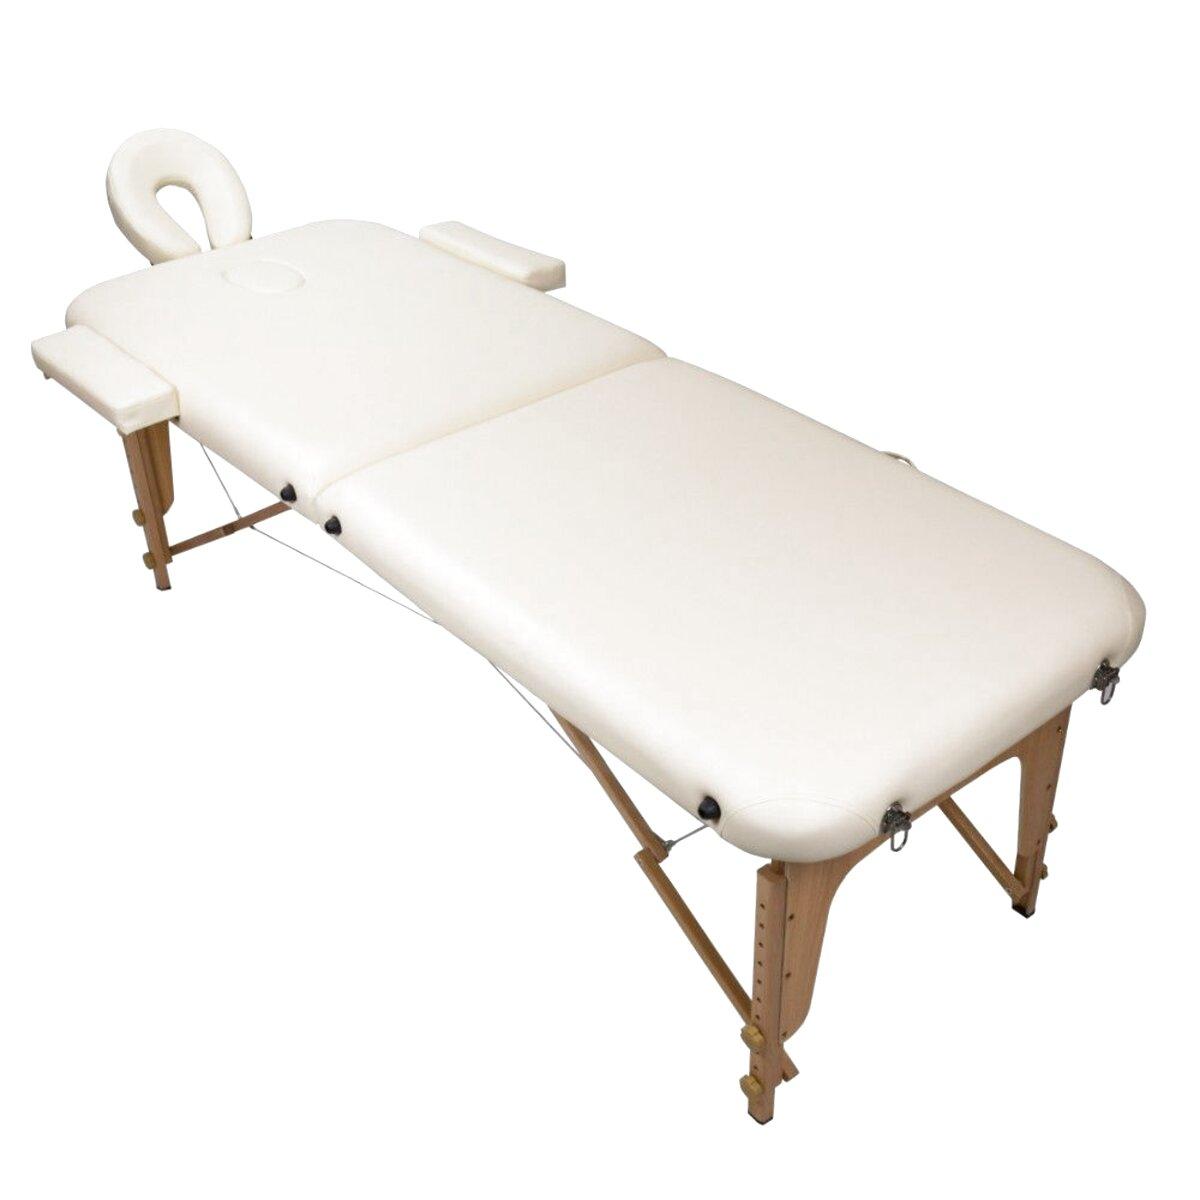 Lettino Massaggio Pieghevole Usato.Lettino Massaggi Pieghevole Prato Usato In Italia Vedi Tutte I